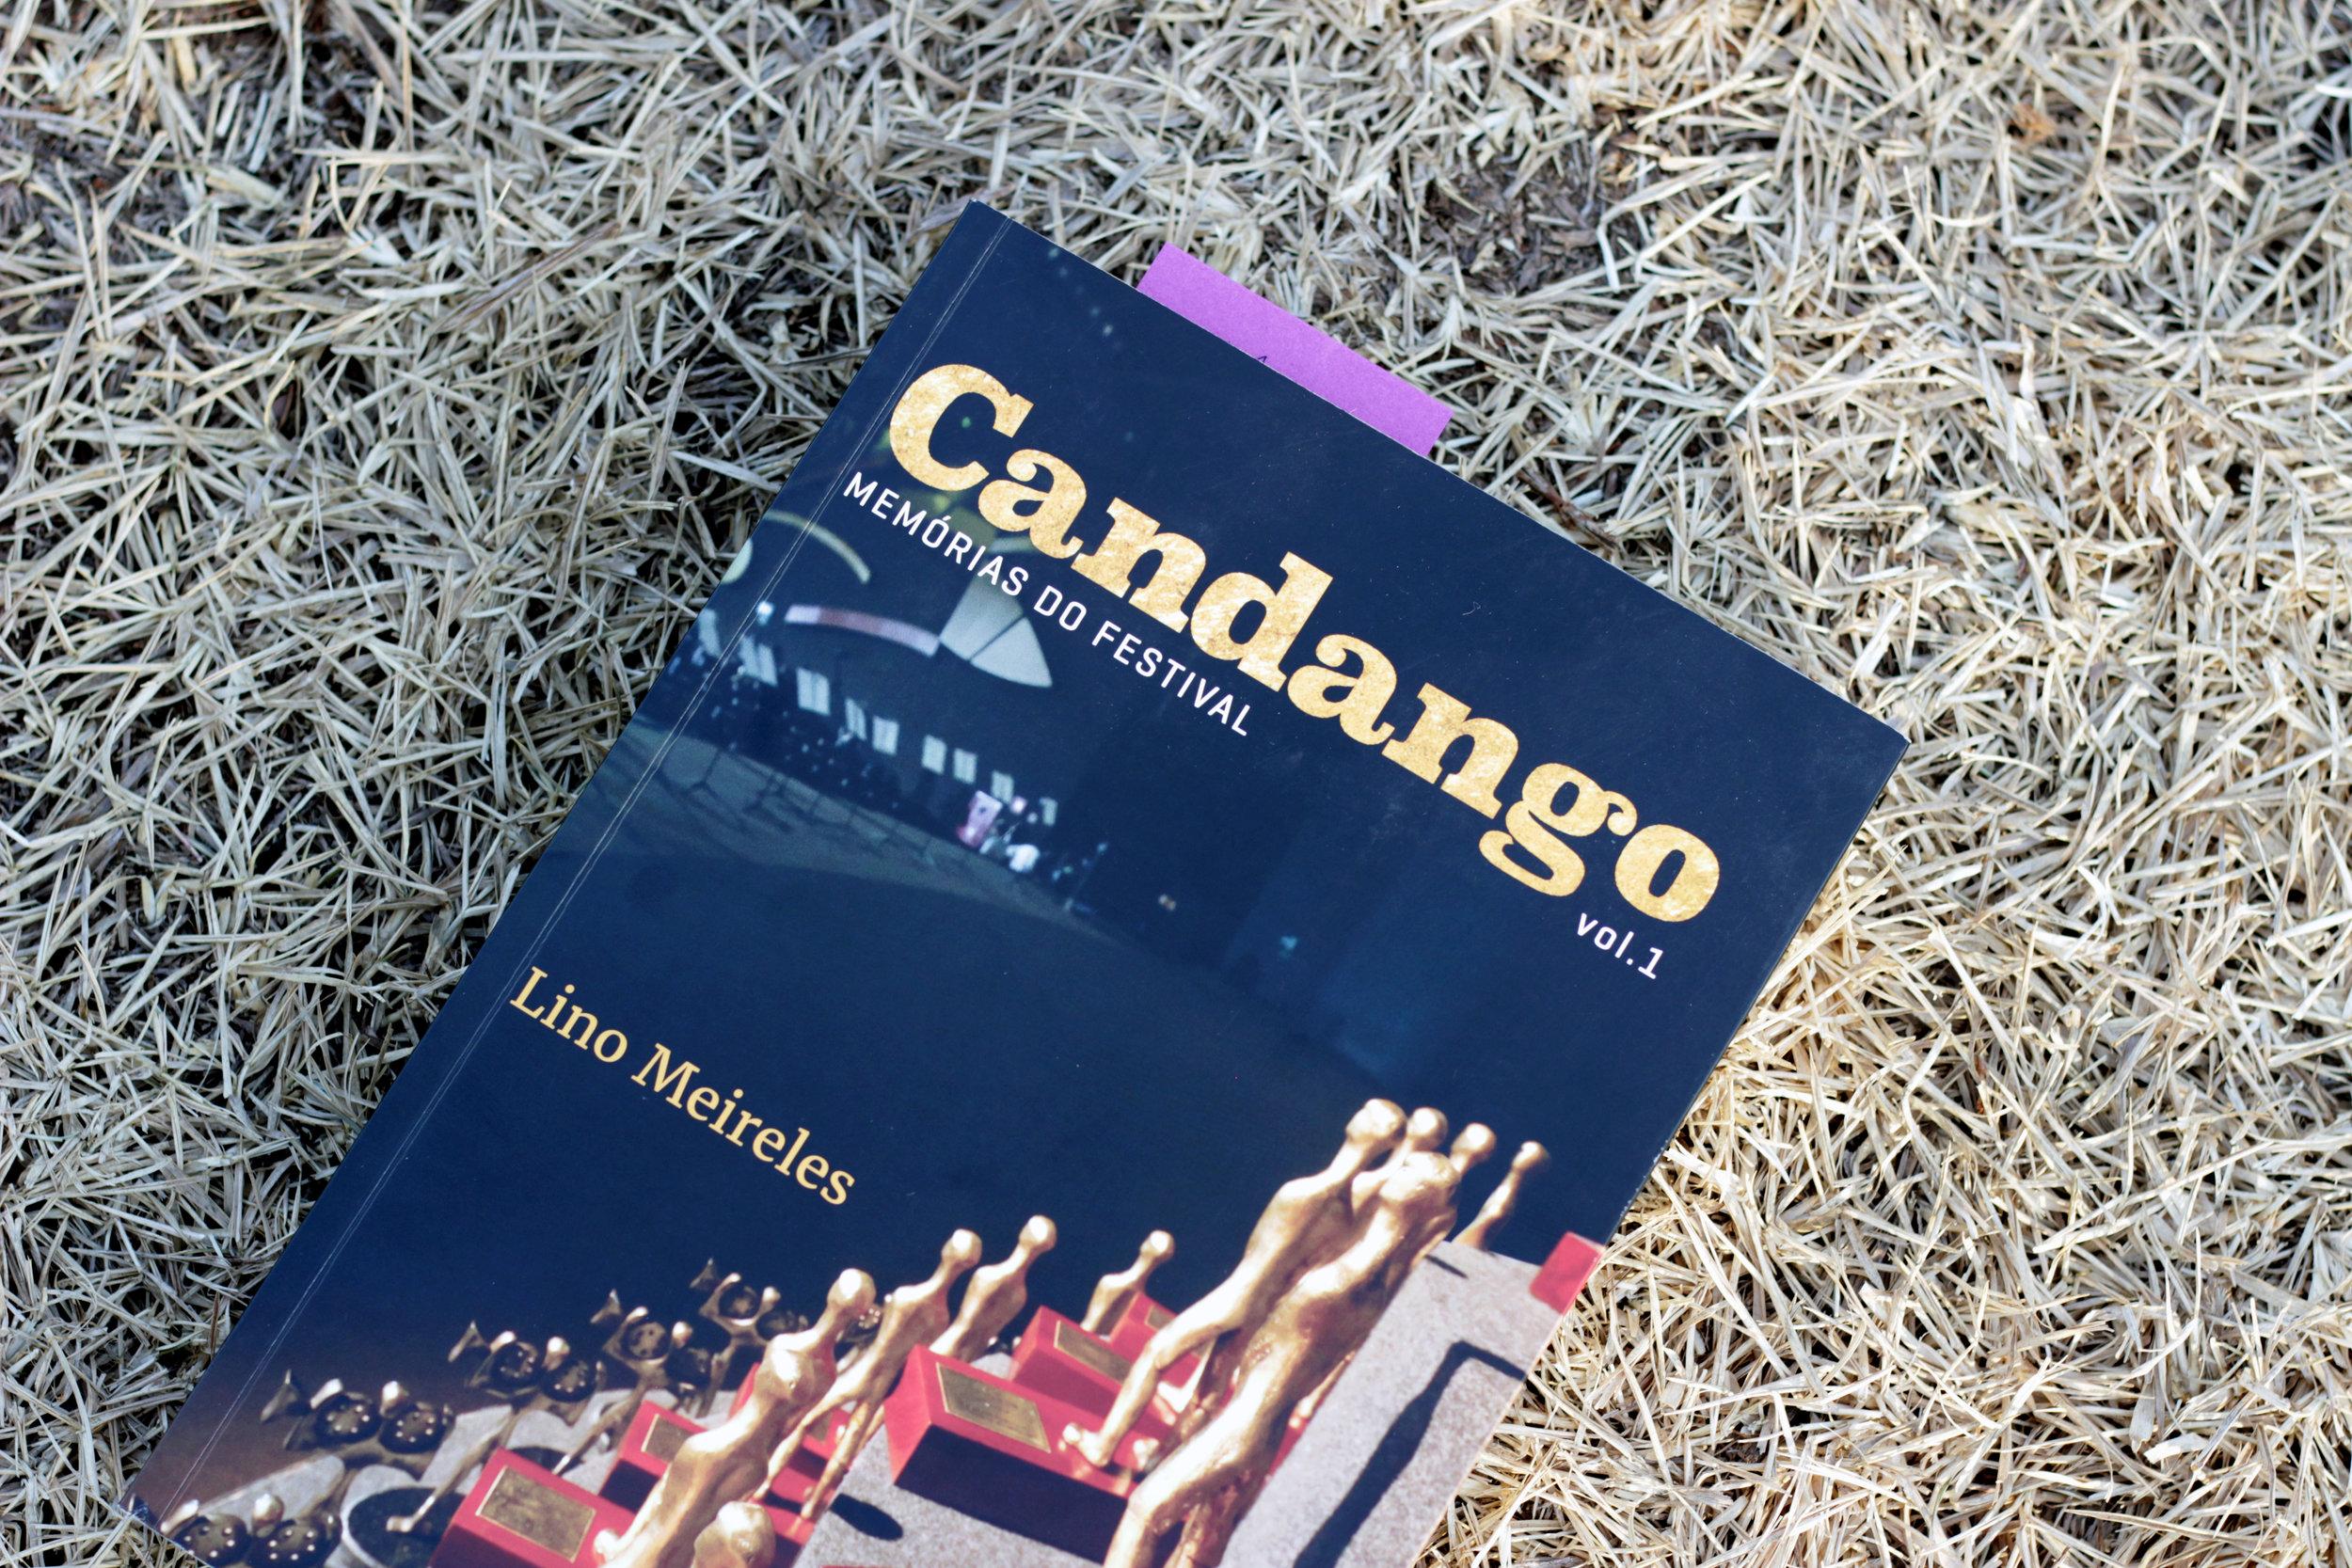 Livro, Candando: memórias do Festival